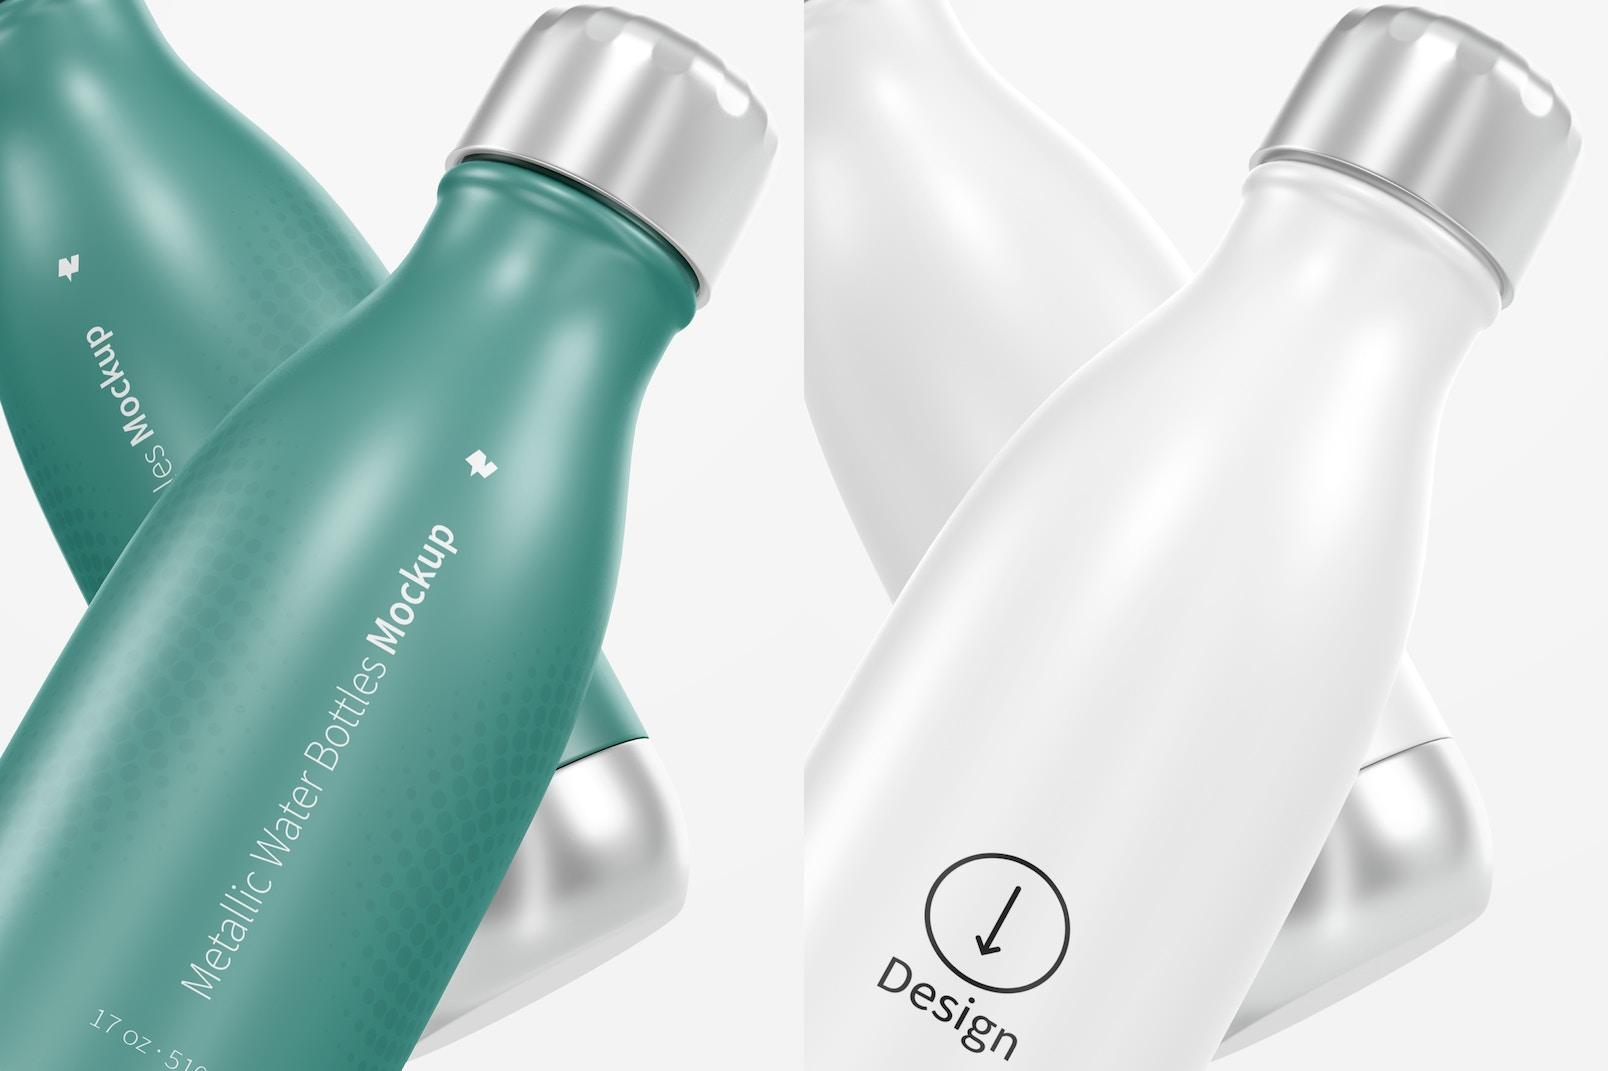 17 oz Metallic Water Bottle Mockup, Close Up